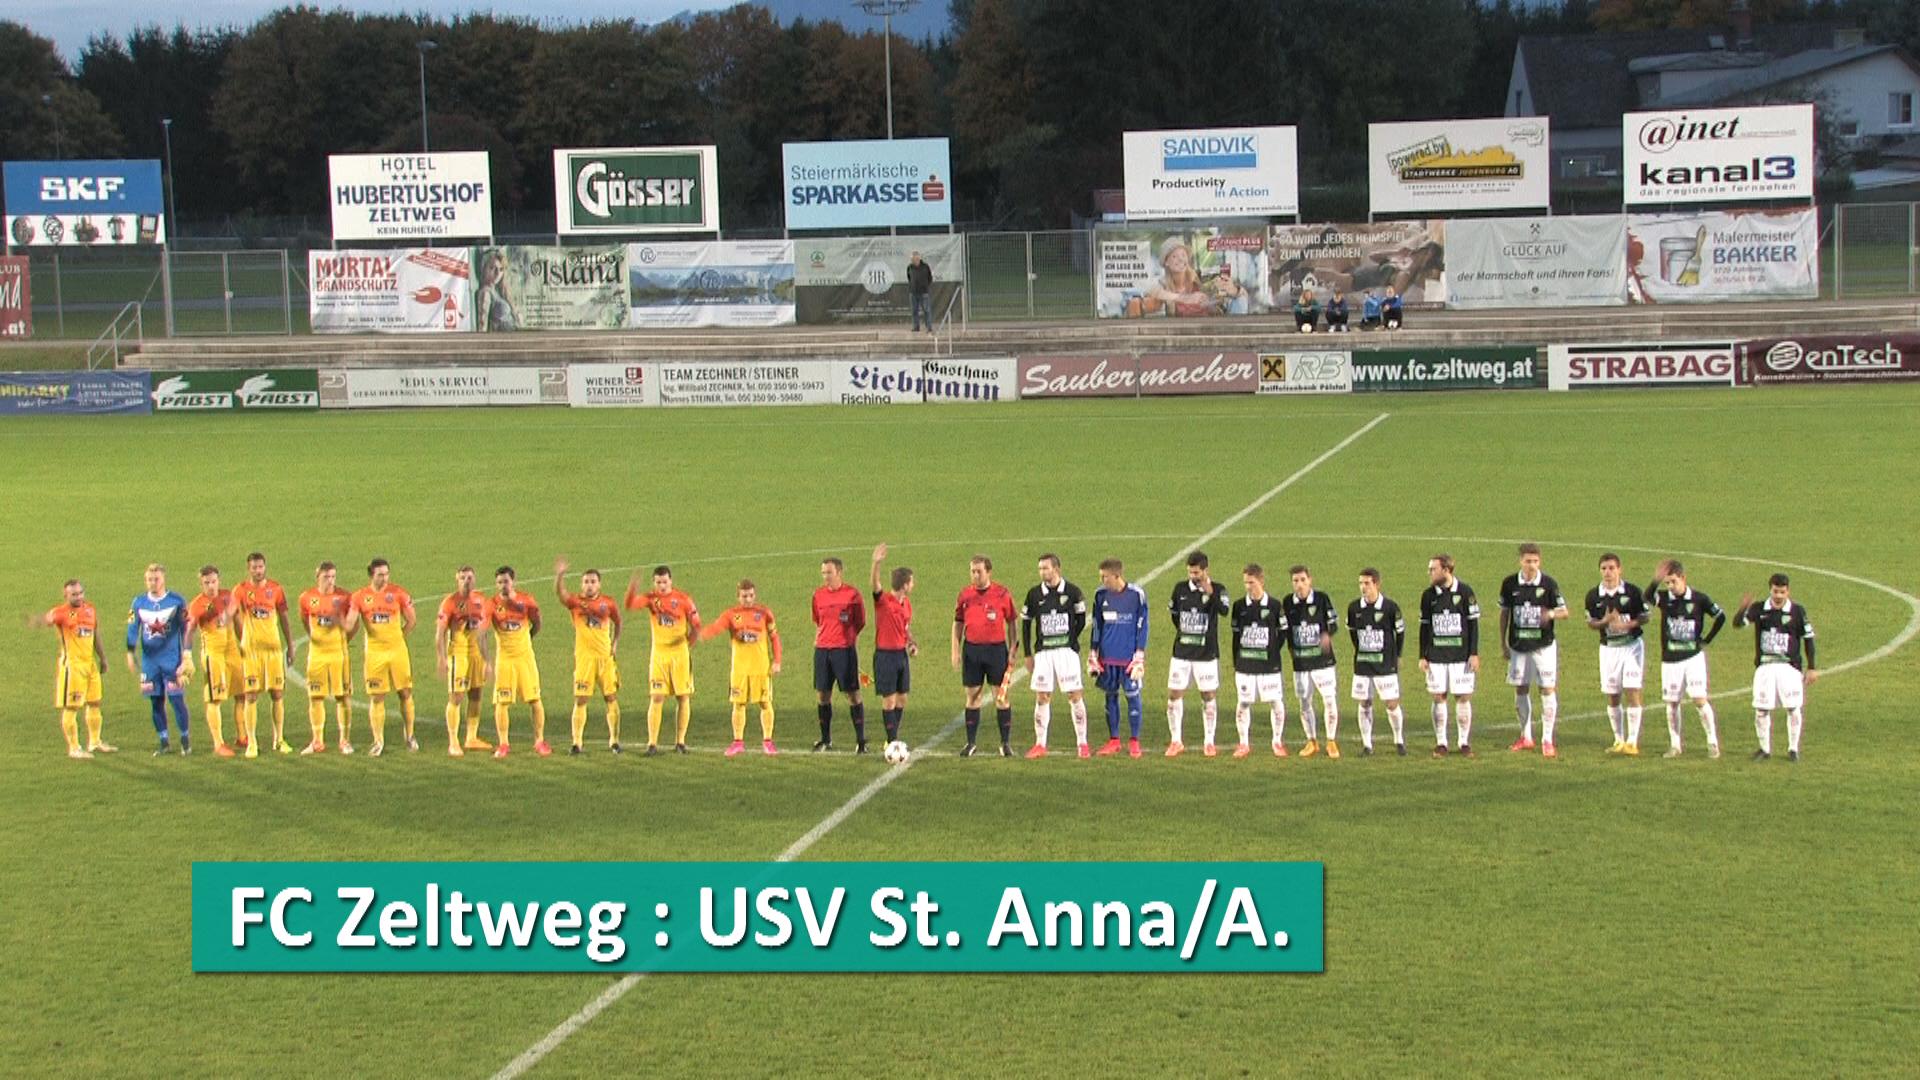 FC Zeltweg - USV St. Anna/A.